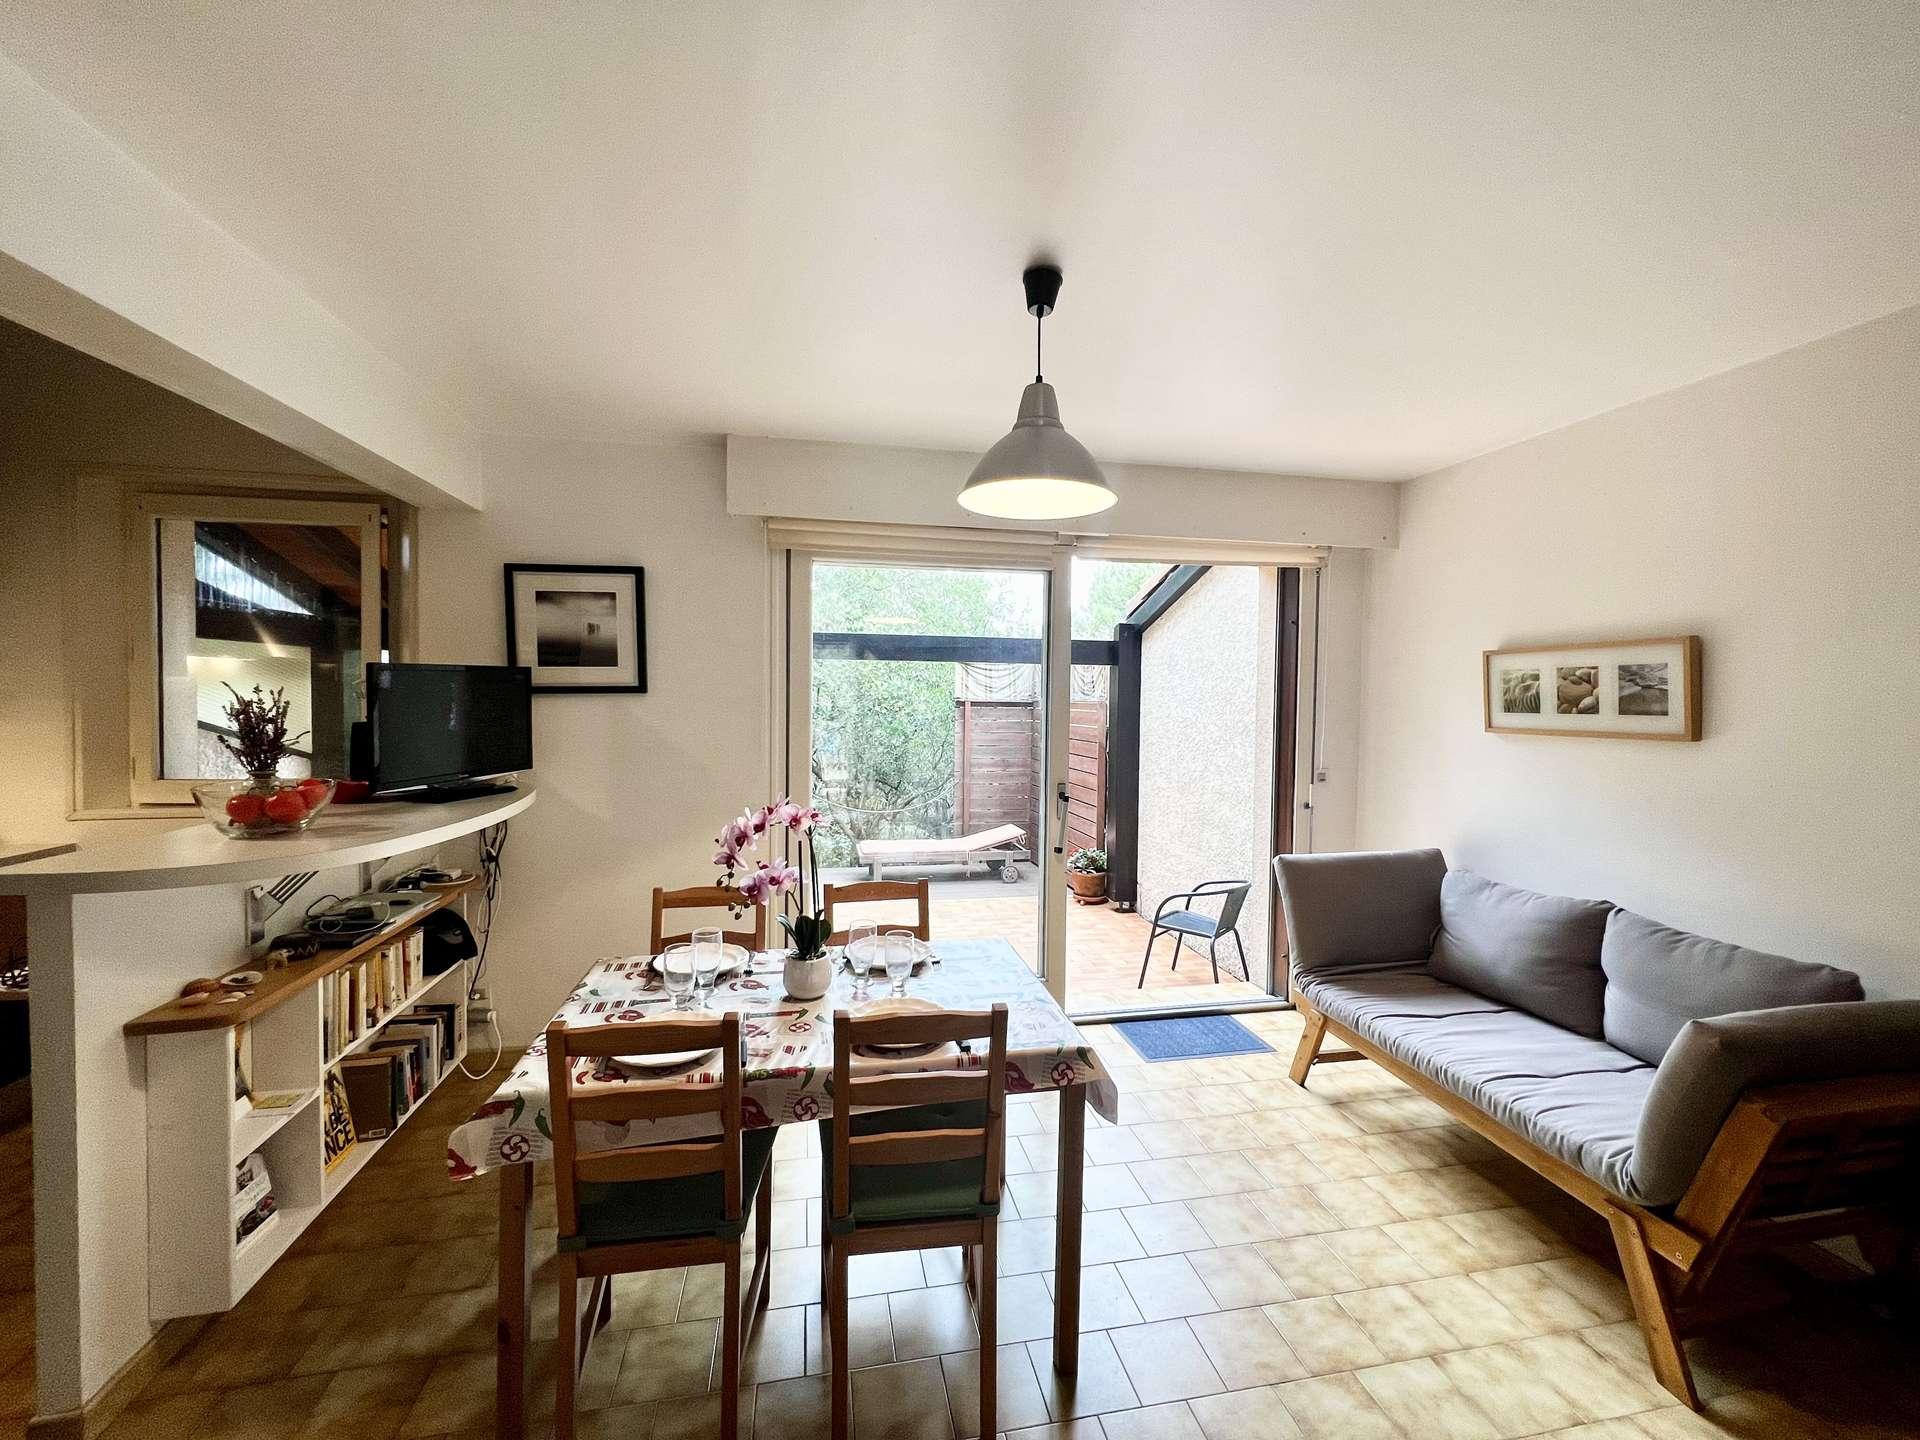 location de vacances à Seignosse ref:0398